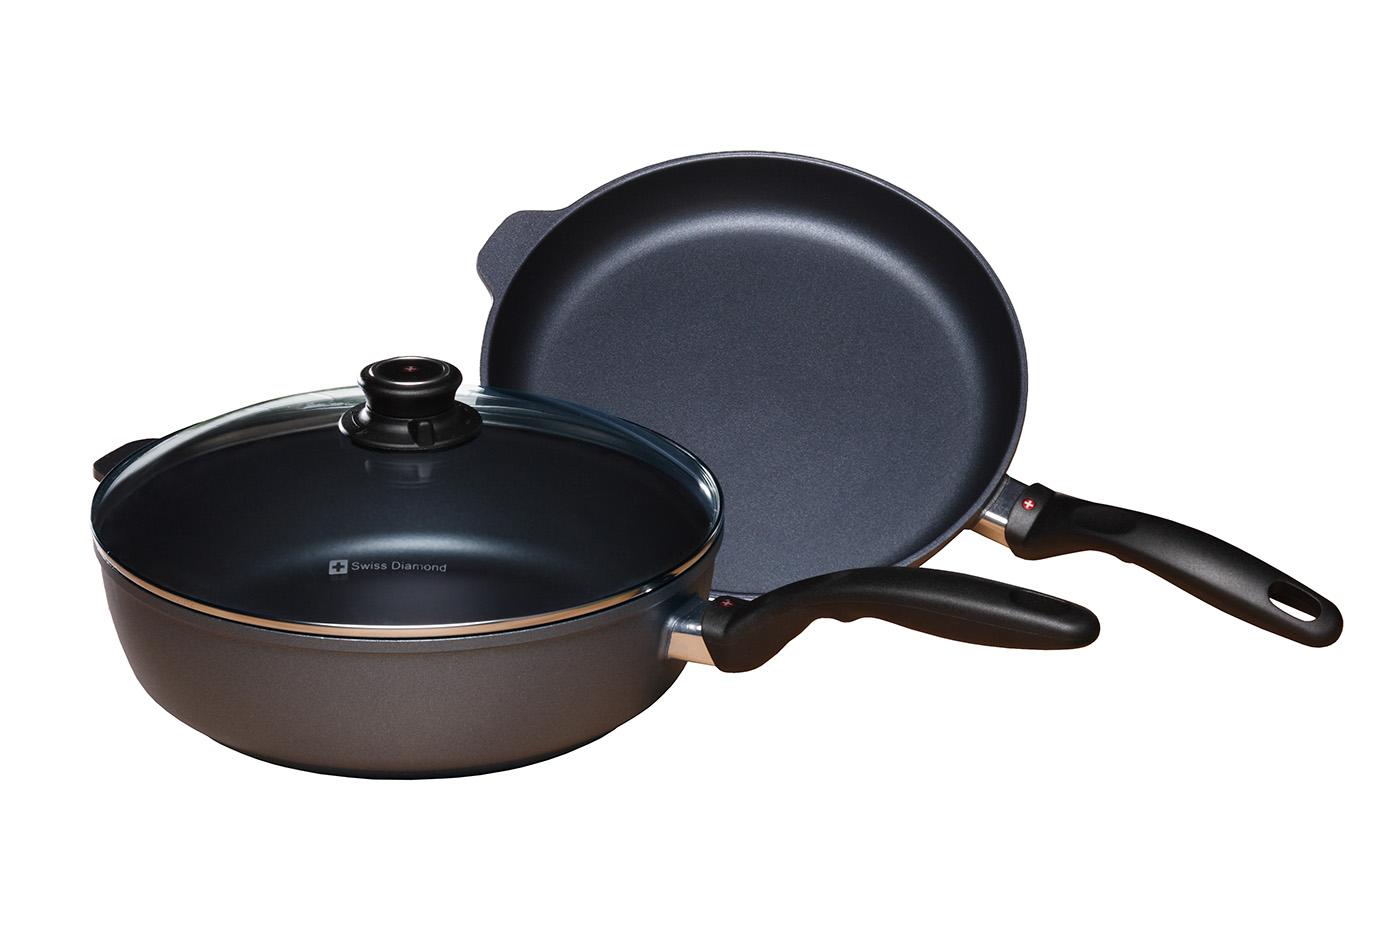 Swiss Diamond 3 Piece Cookware Set - Fry Pan and Saute Pan